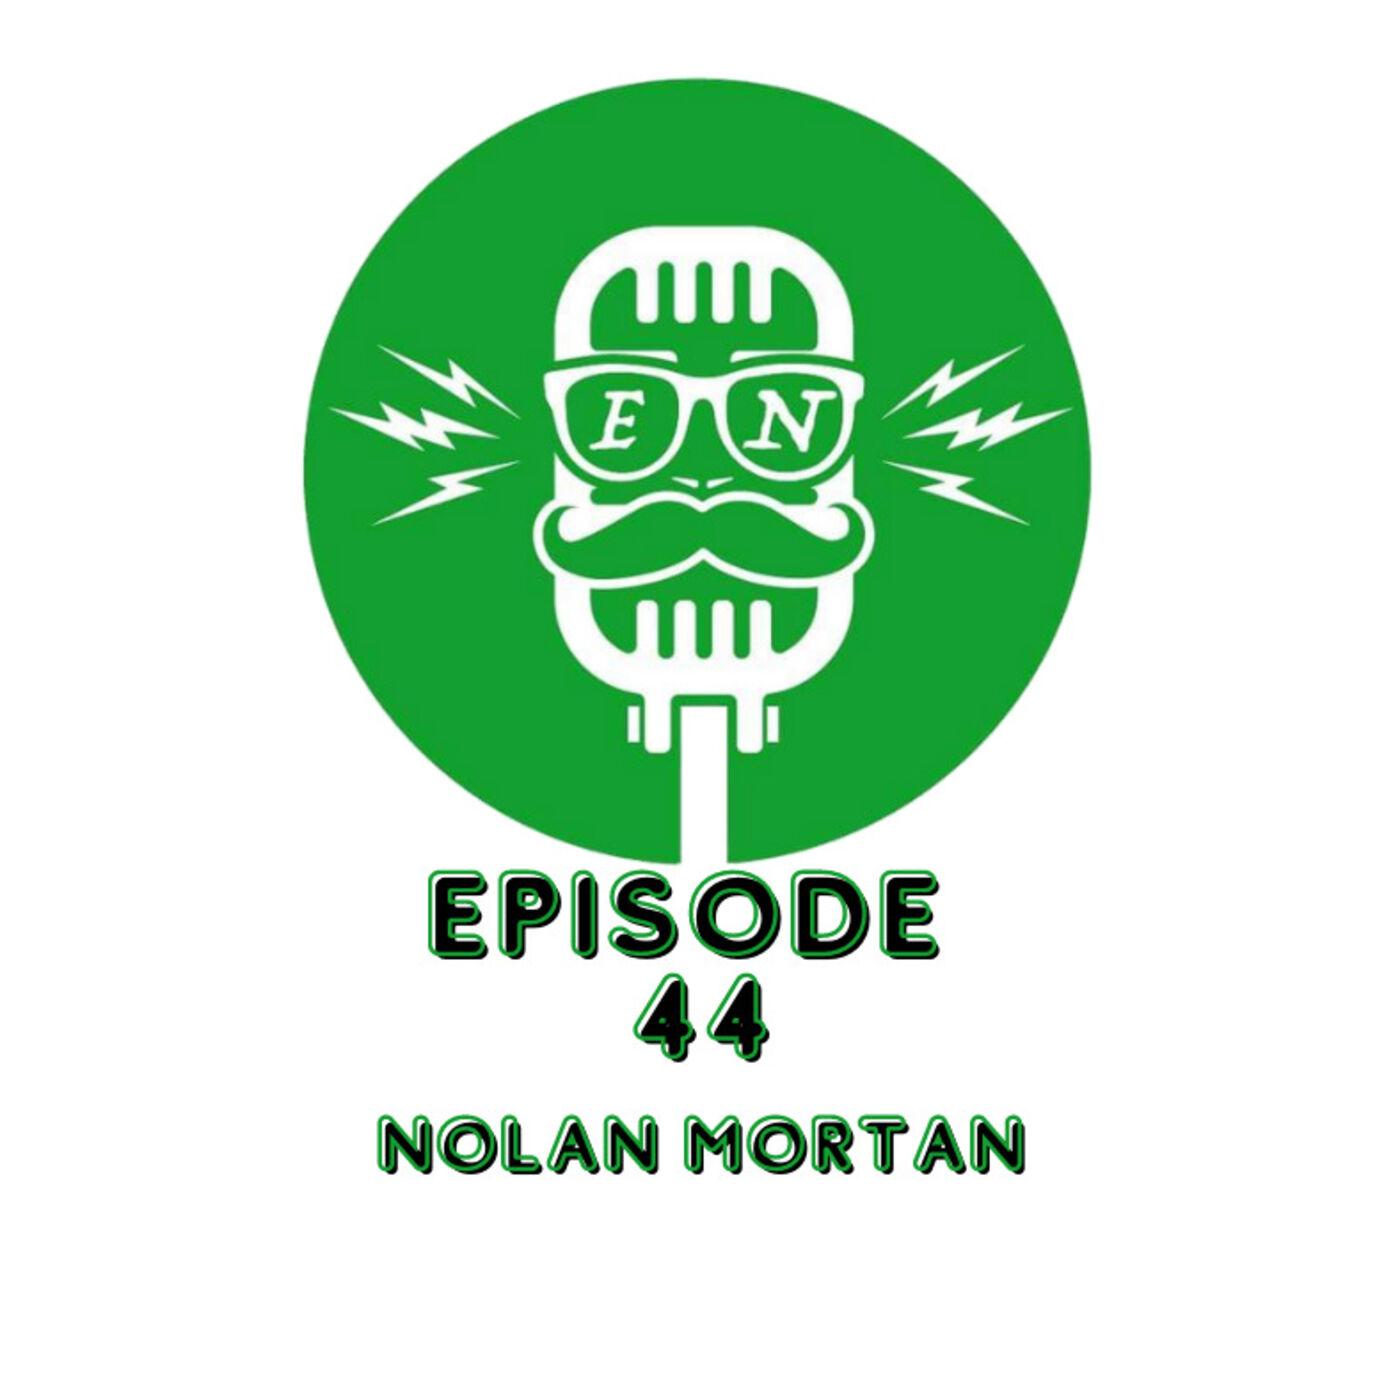 EveryNothing Podcast E 44 - Nolan Mortan